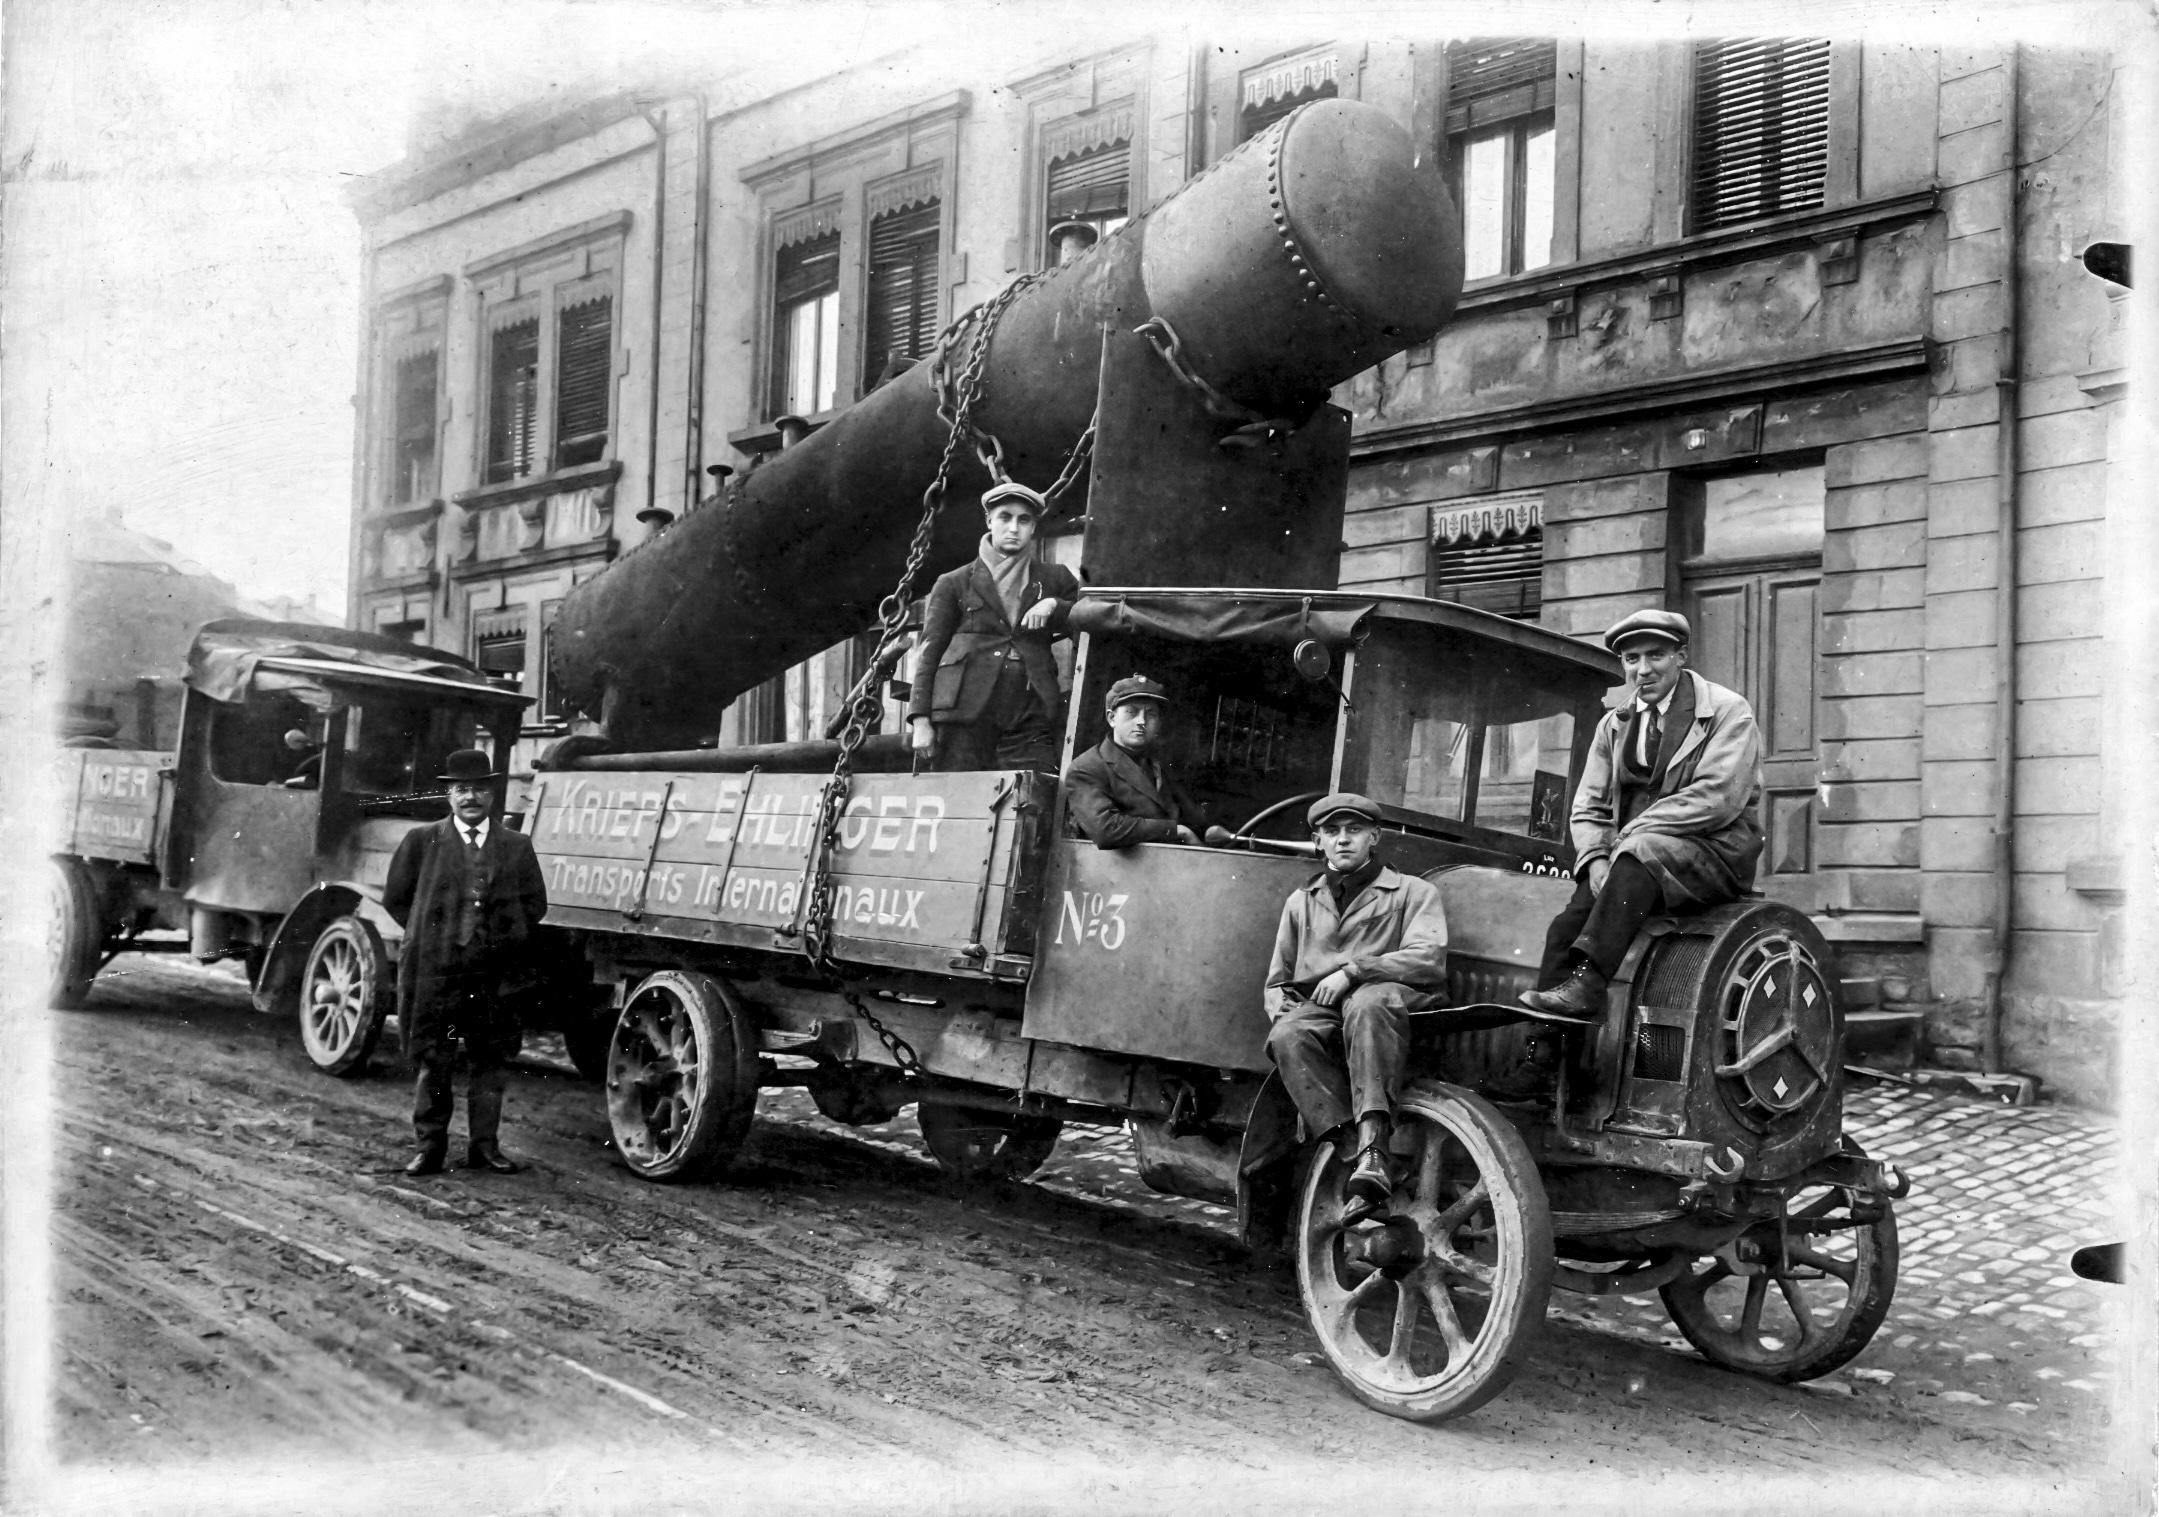 1928, naissance de l'union entre Adolphe Krieps et ses deux beaux-frères Ehlinger. C'est Robert Ehlinger que l'on voit assis sur le capot équipé d'un moteur De Dion-Bouton sur un châssis Berliet qu'il fallut carrosser.